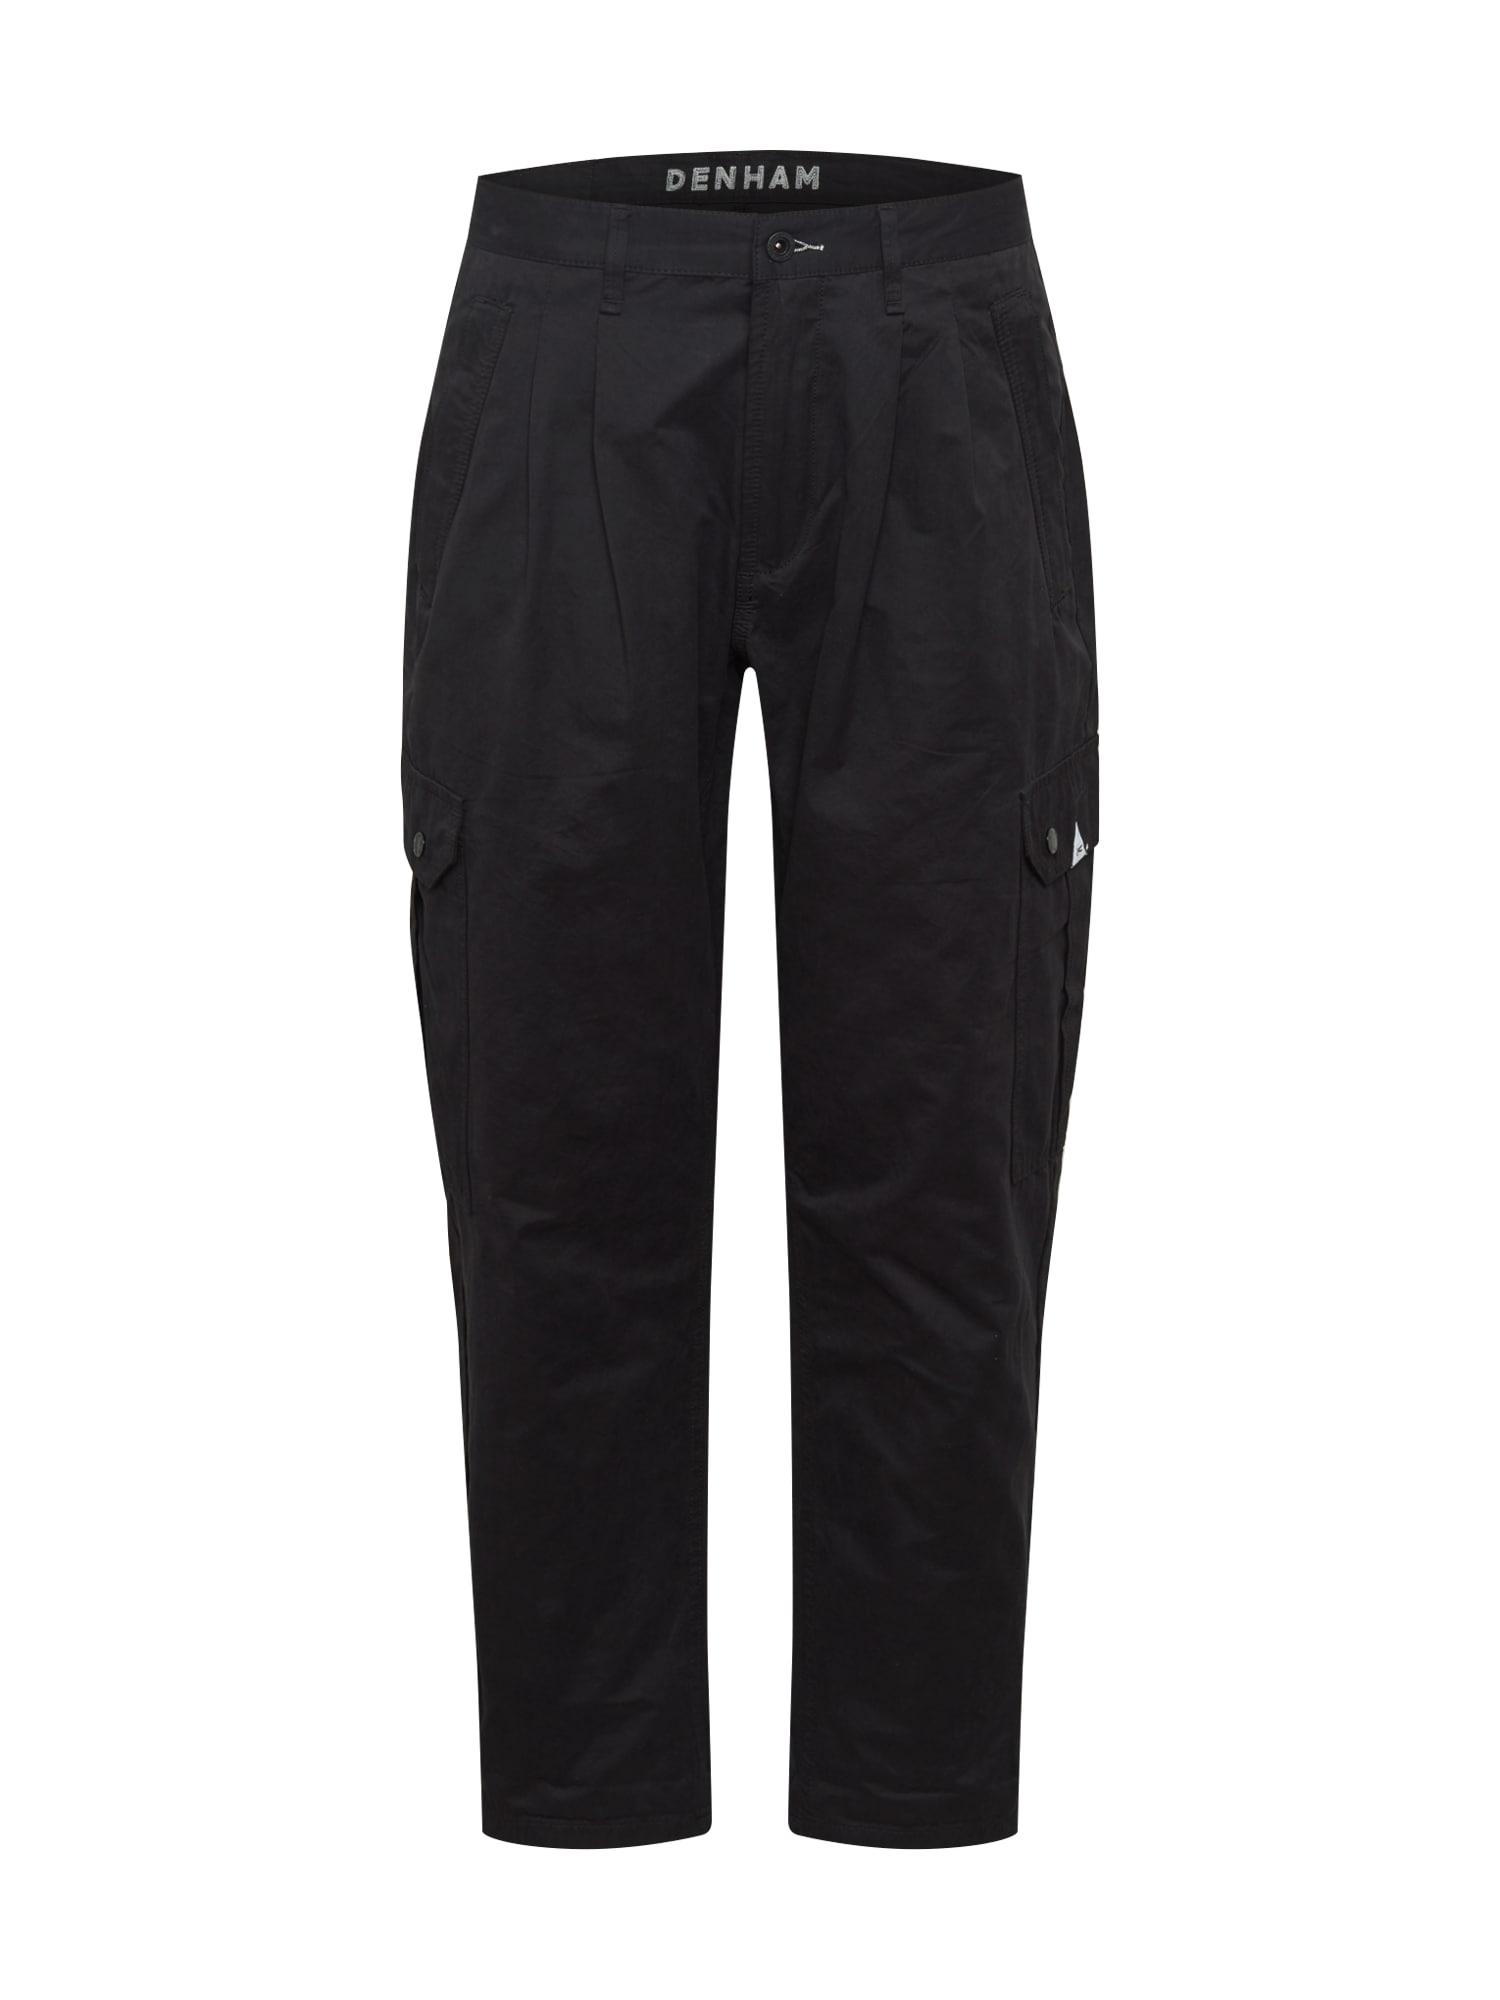 DENHAM Darbinio stiliaus džinsai